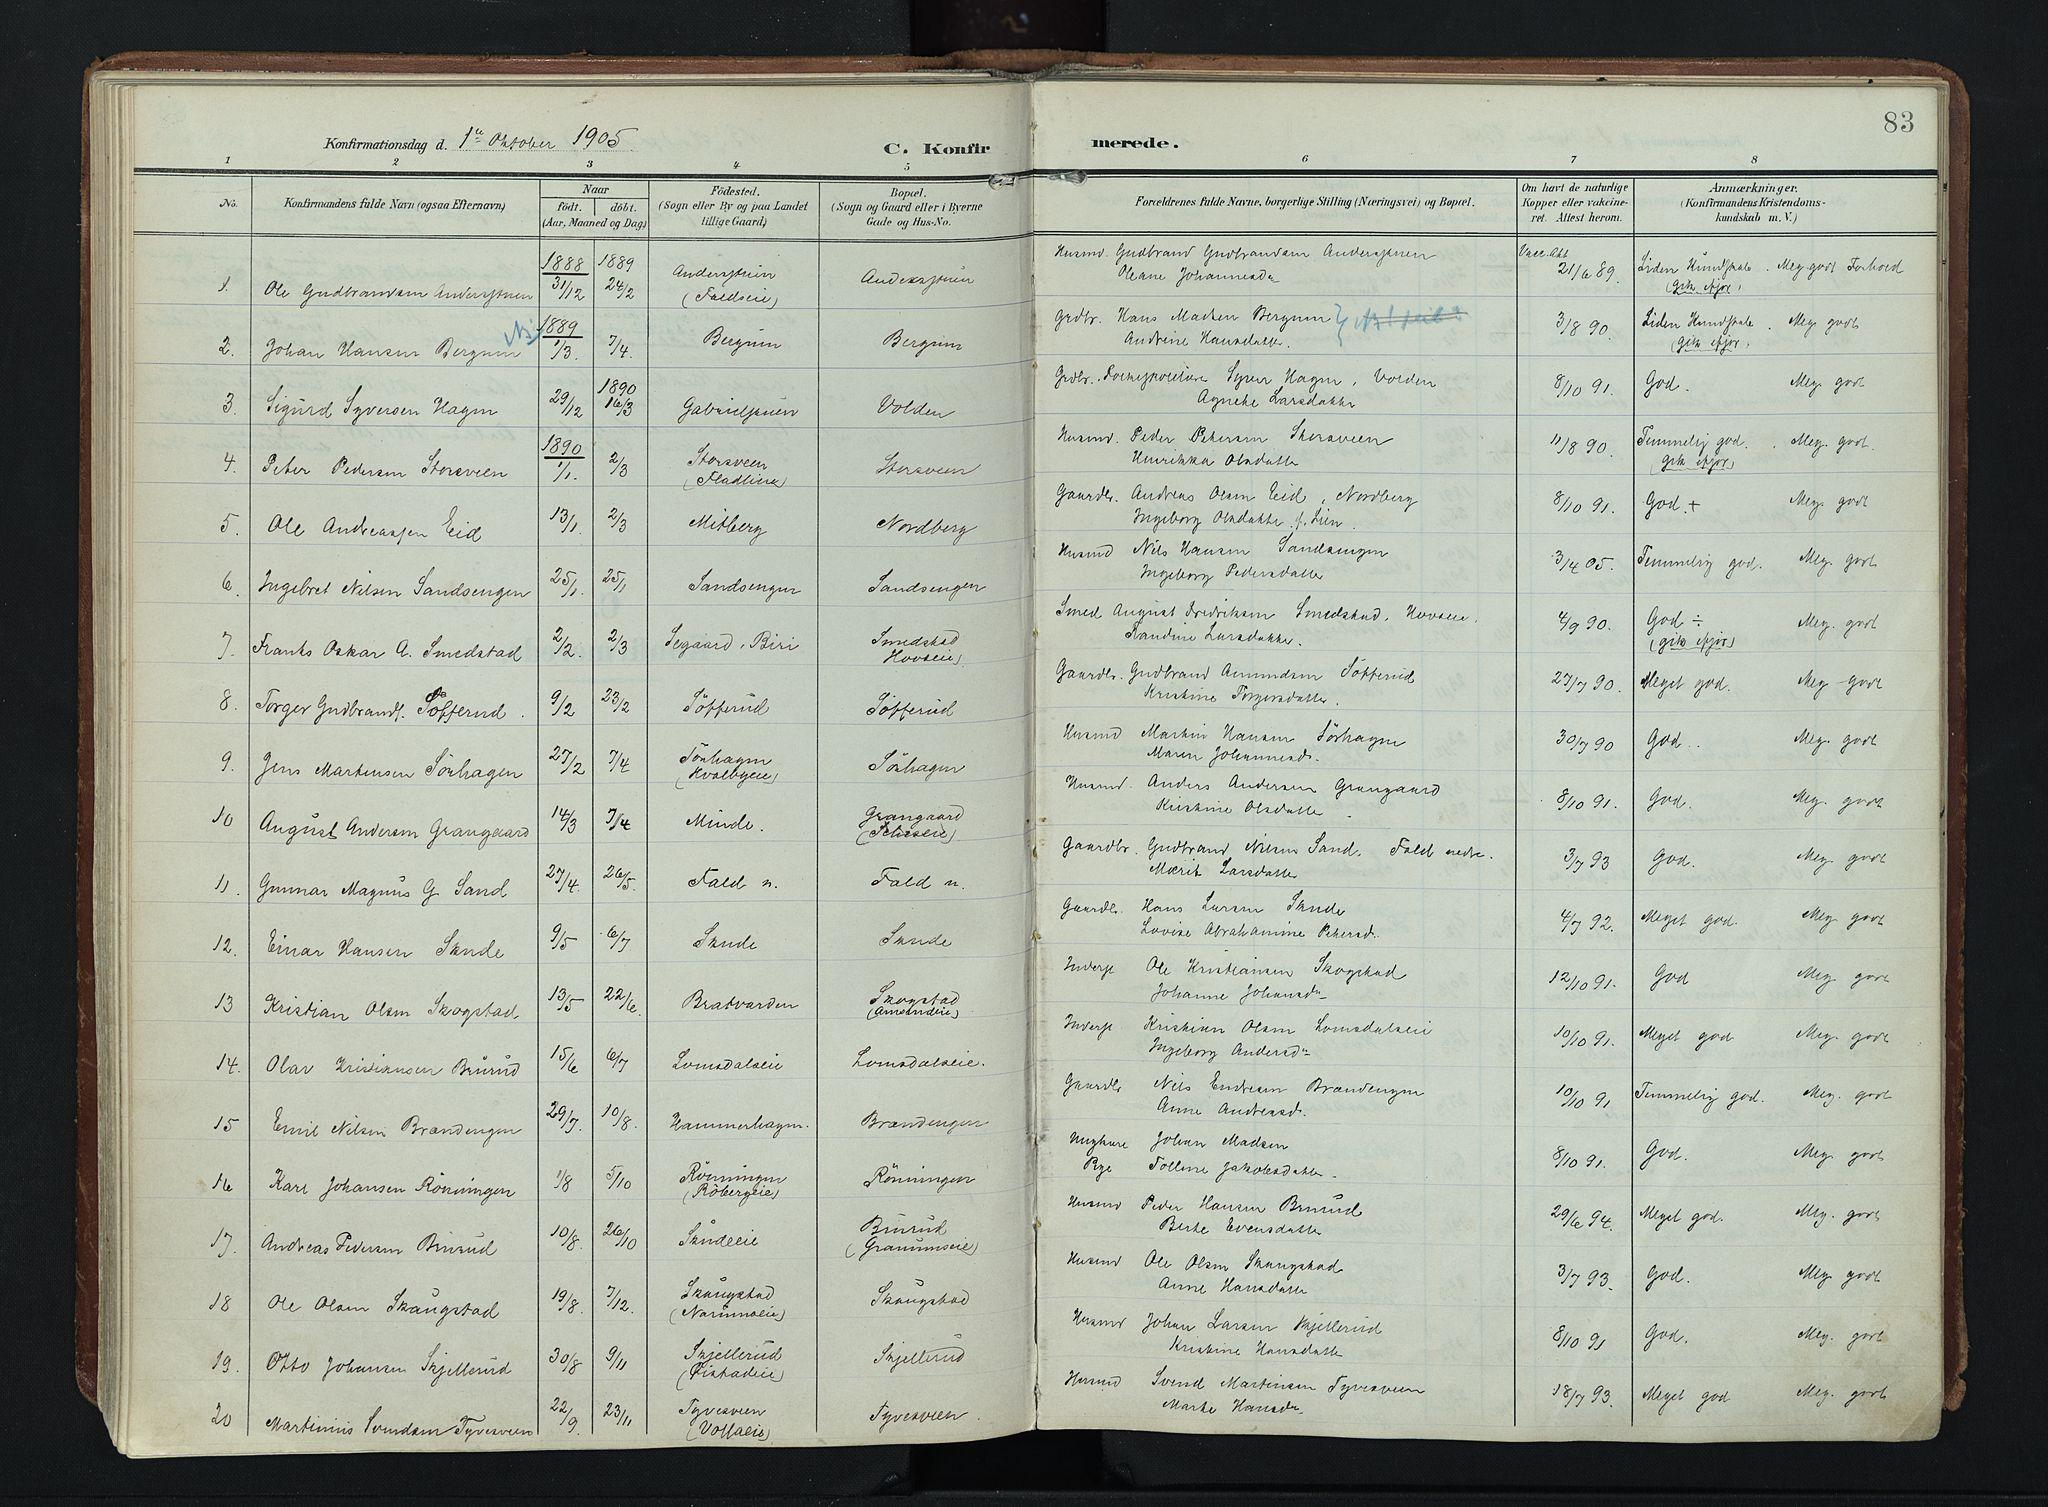 SAH, Søndre Land prestekontor, K/L0007: Ministerialbok nr. 7, 1905-1914, s. 83